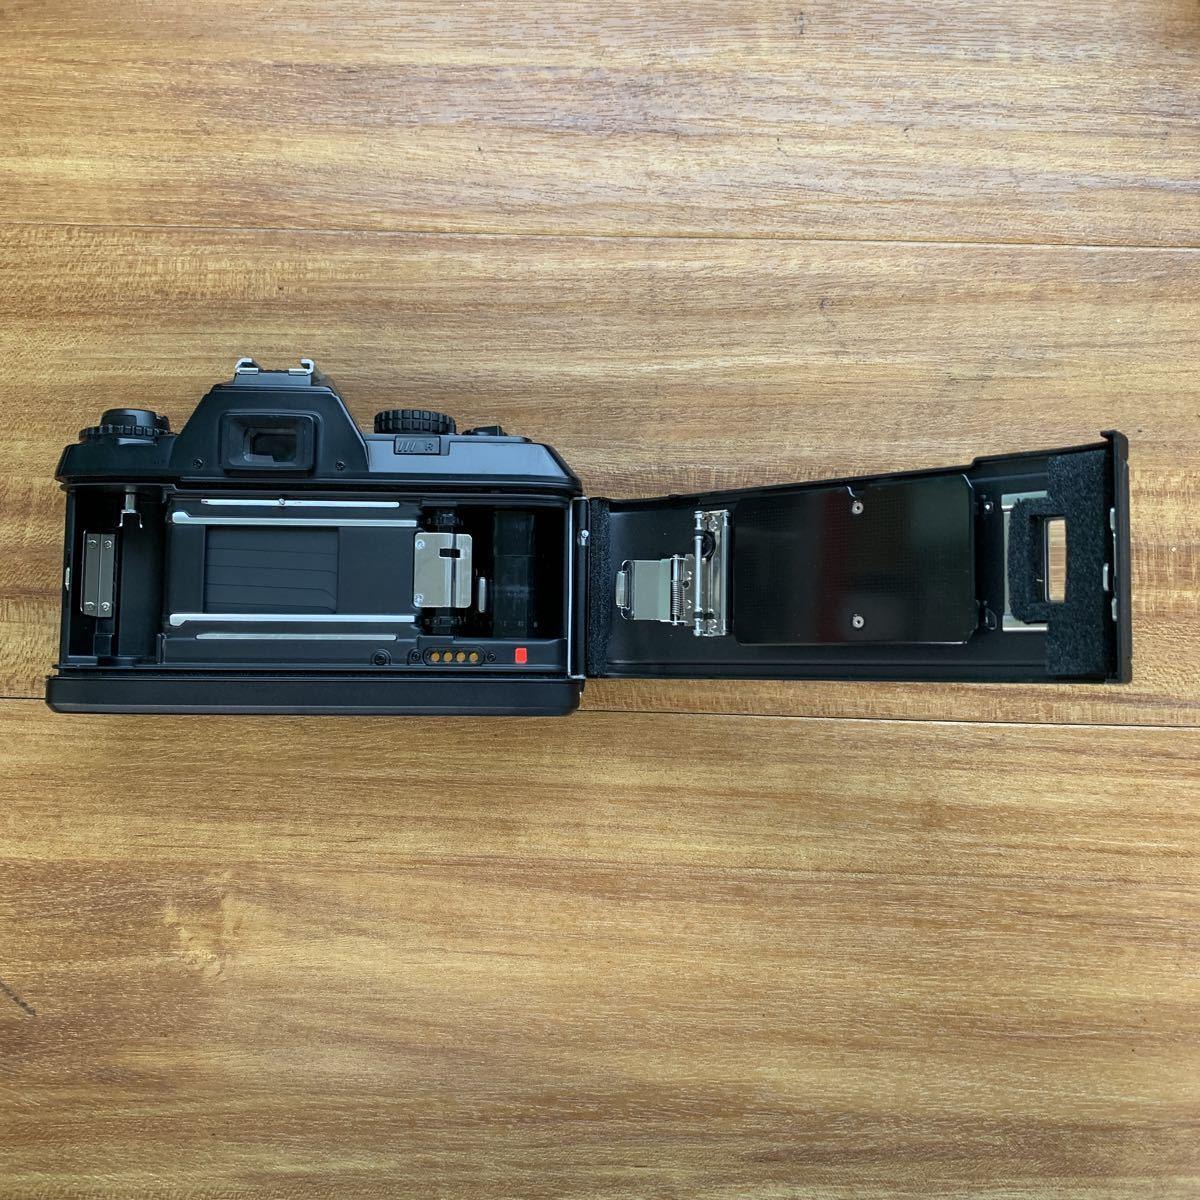 返品不可 ジャンク Nikon F 301 +minolta 110 zoom markⅡ 動作未確認 #j492_画像6